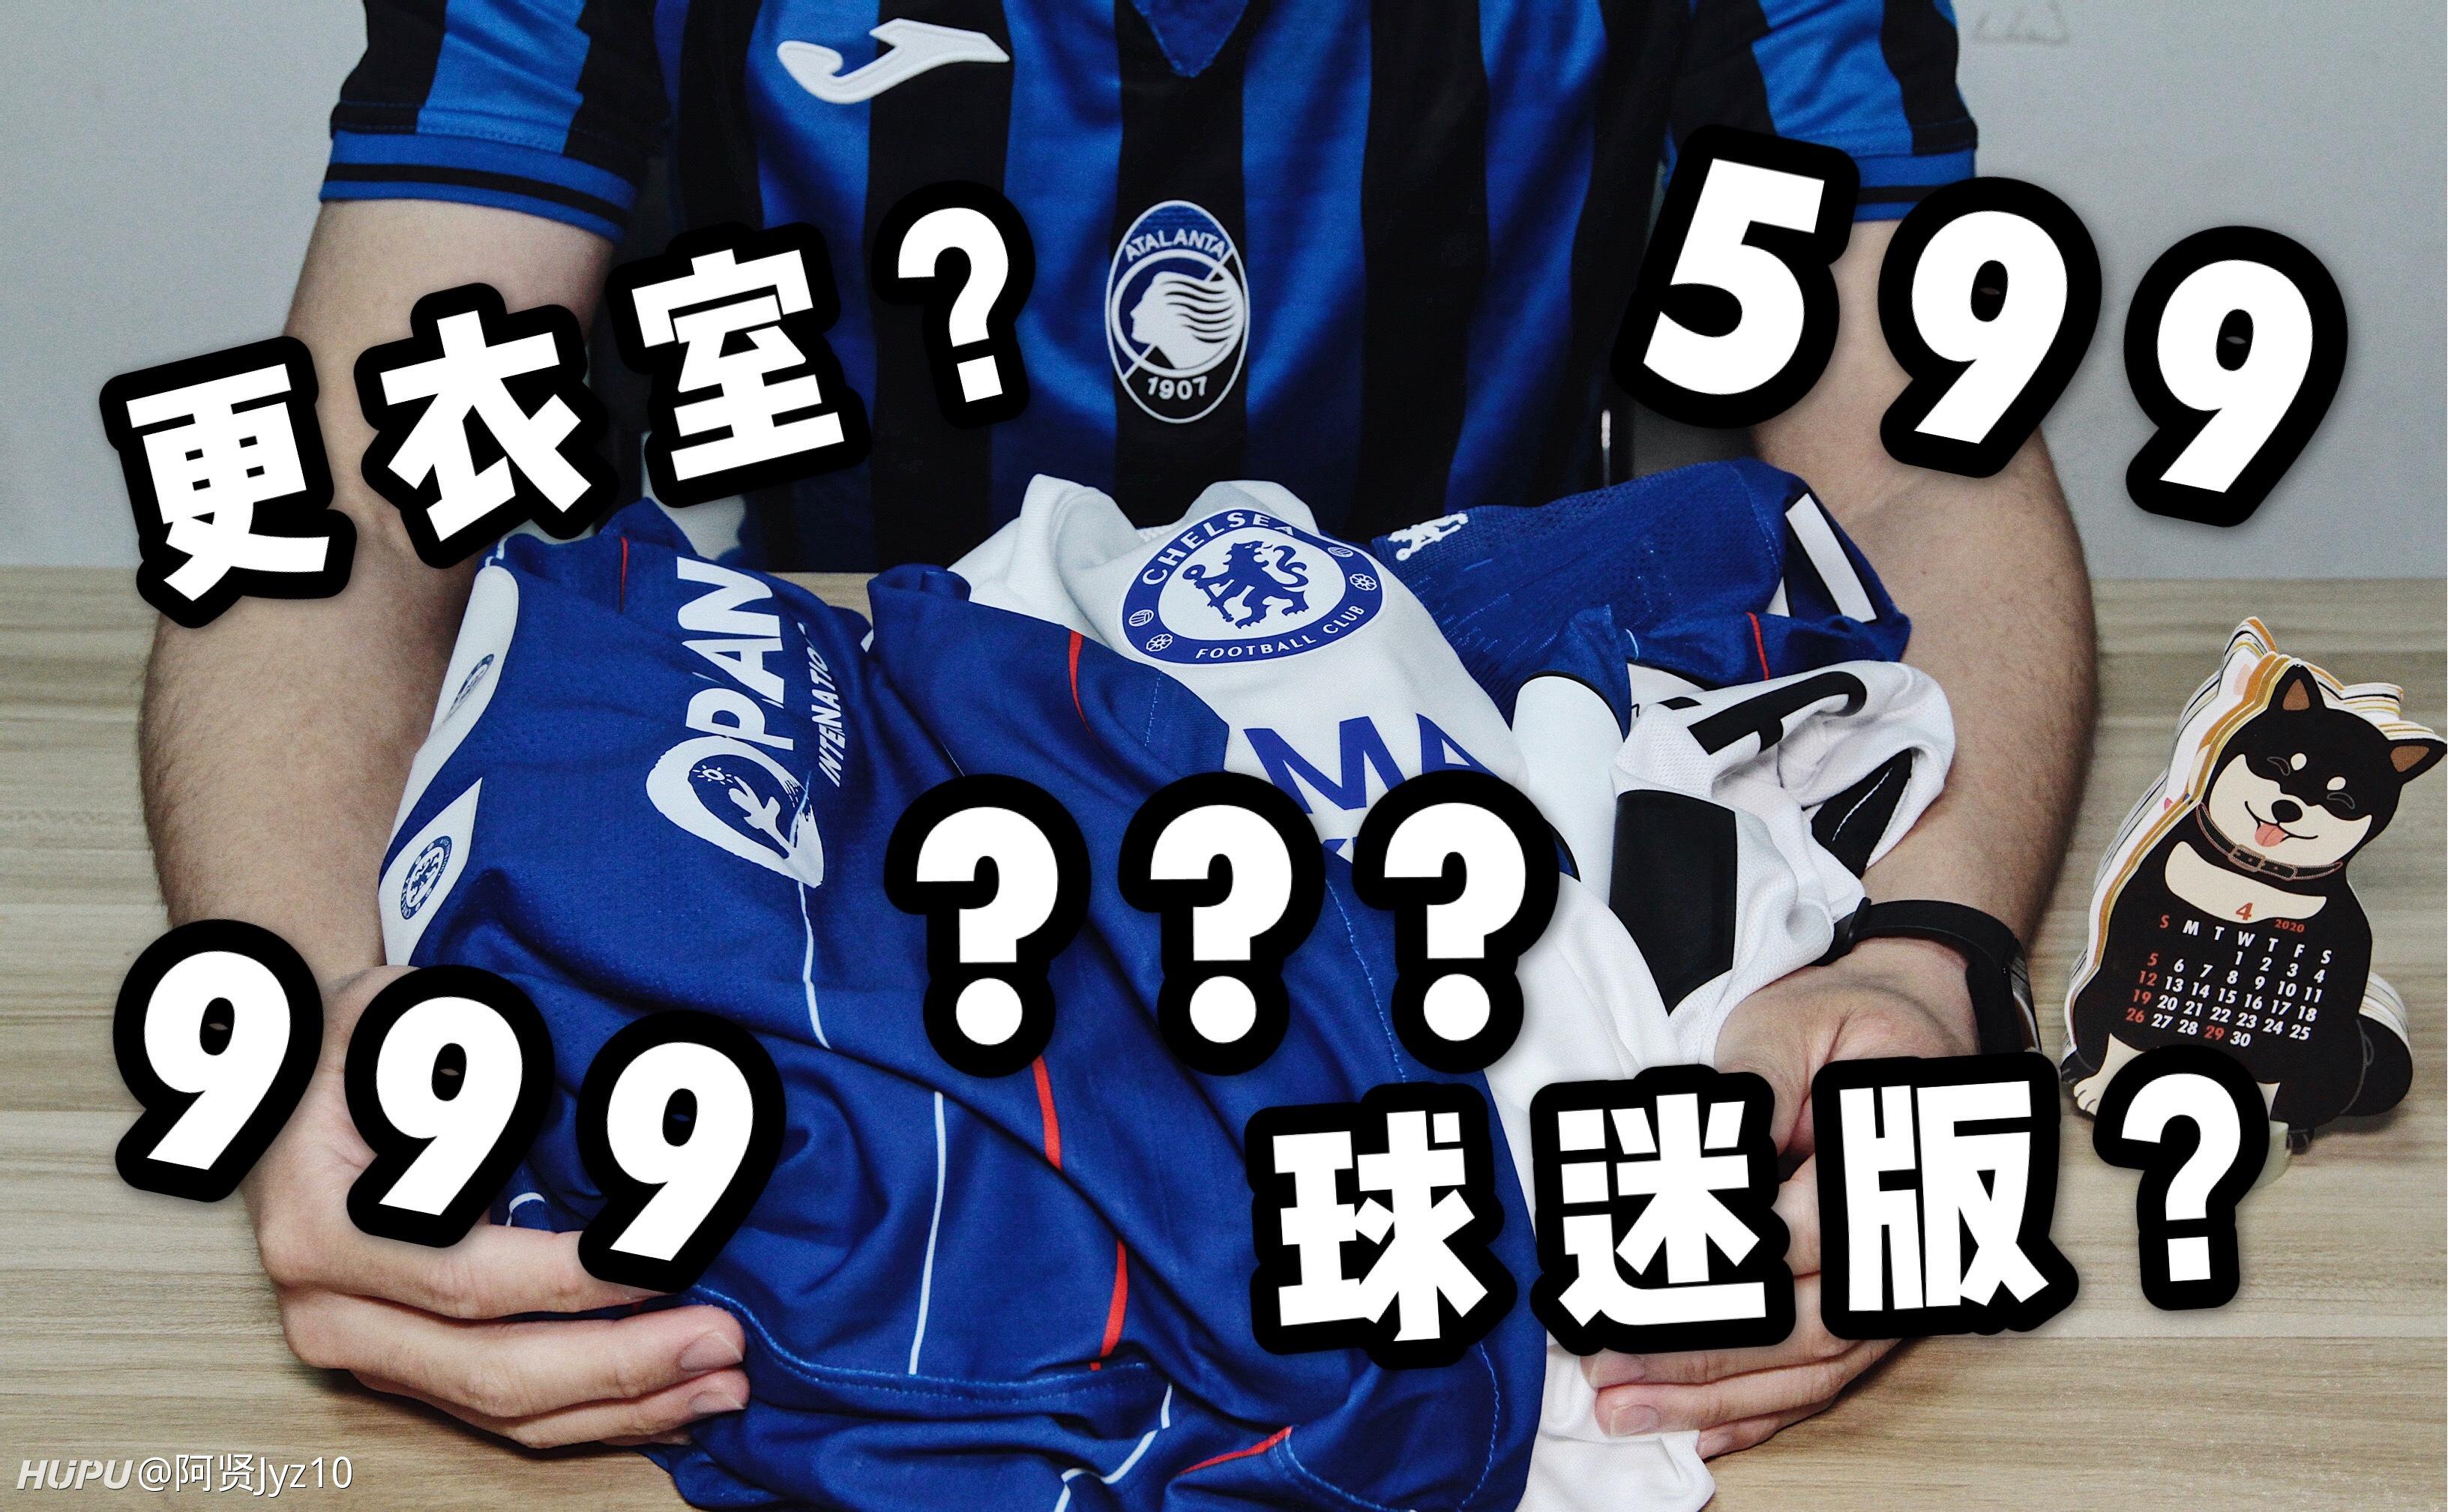 全是干货,球员版还是球迷版,球衣有那么多学问?  足球话题区